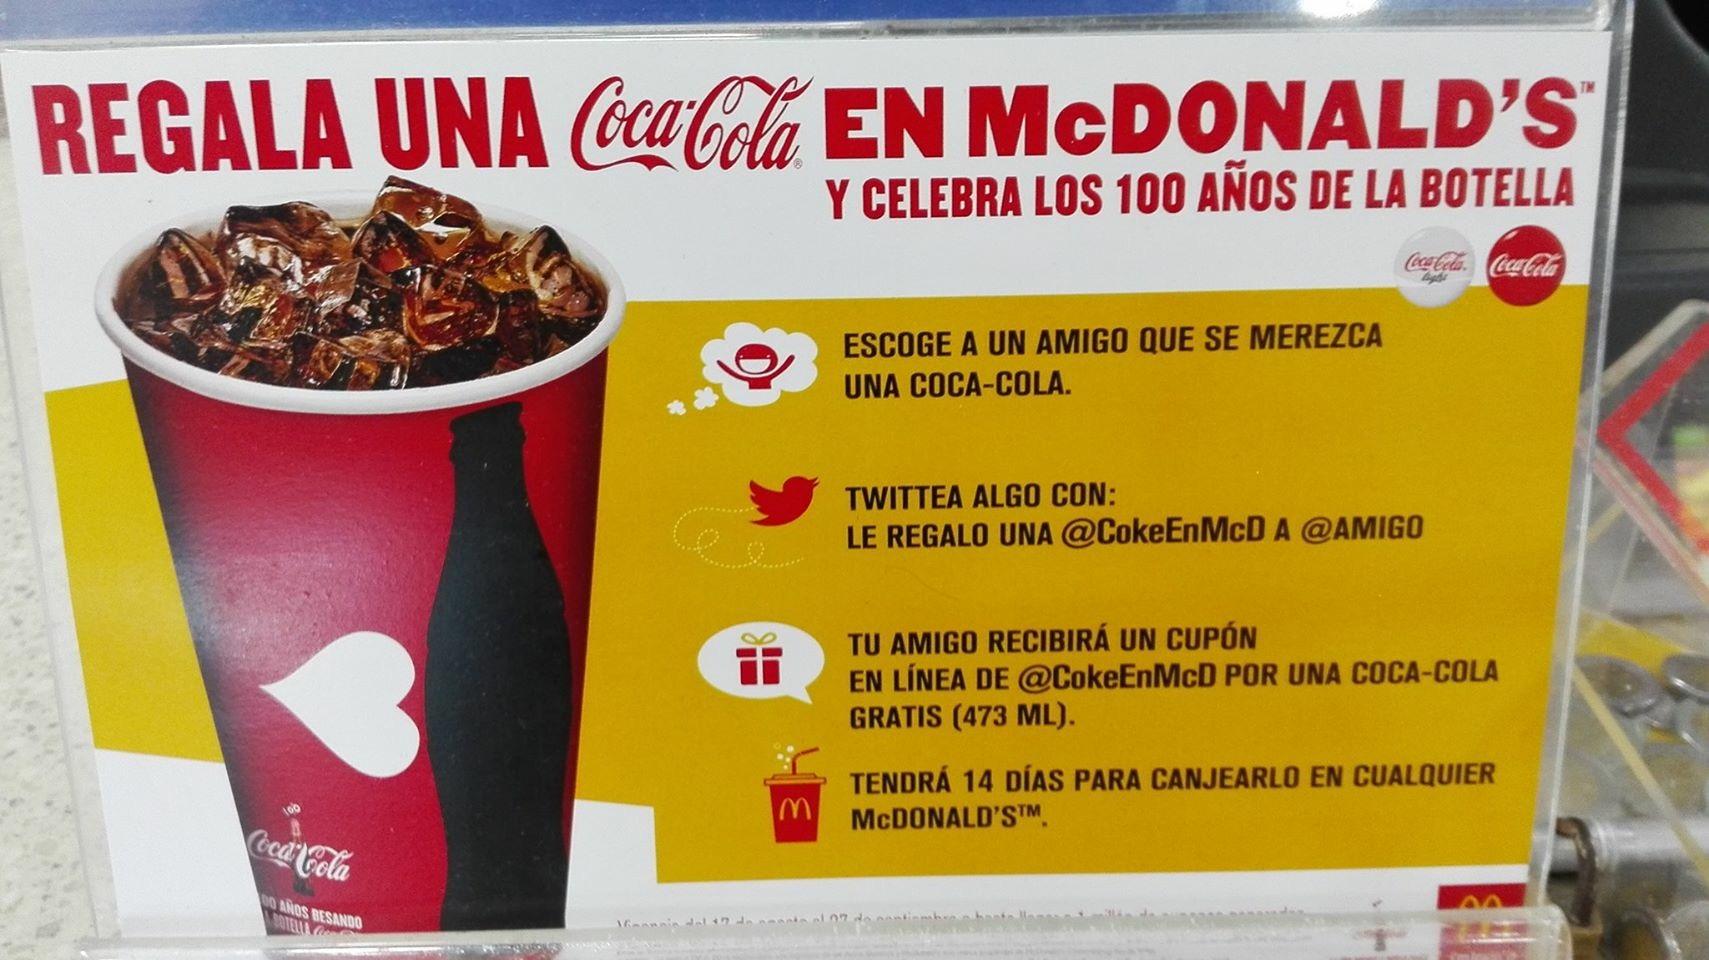 Mc Donald's: Coca Cola GRATIS de 473 ml (se necesita Twitter)